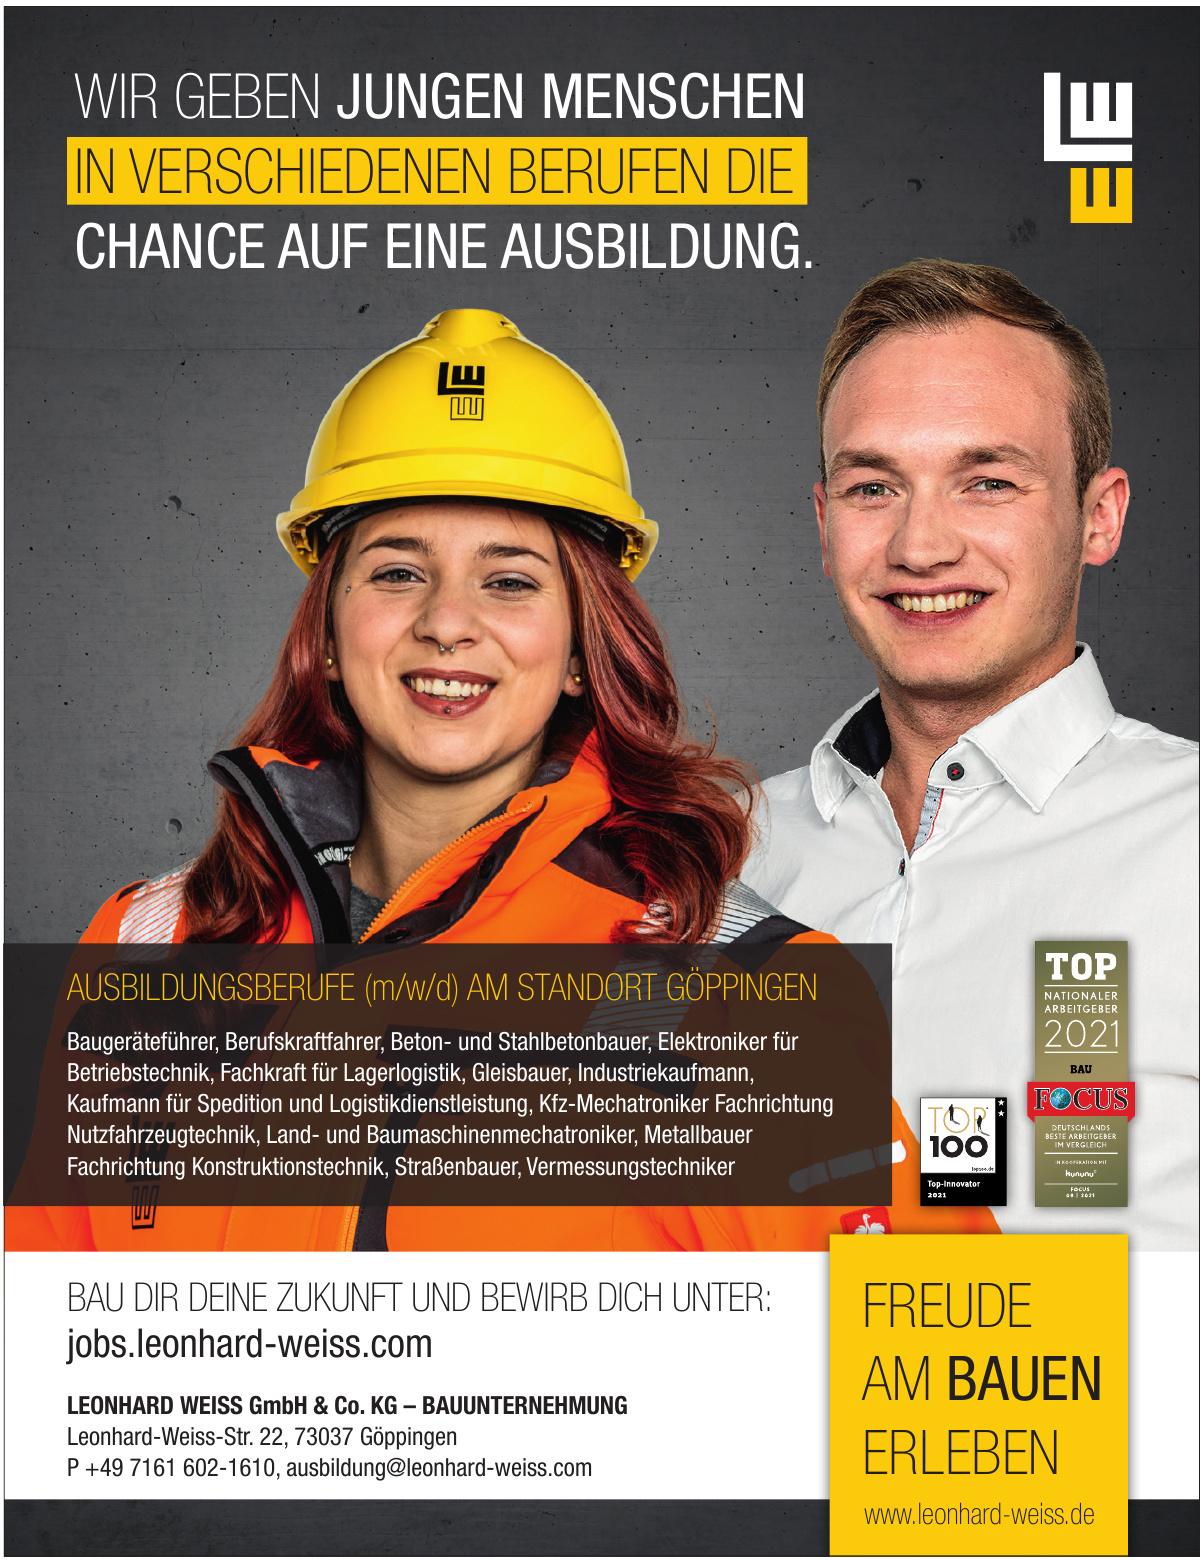 Leonhard Weiss GmbH & Co. KG – Bauunternehmung